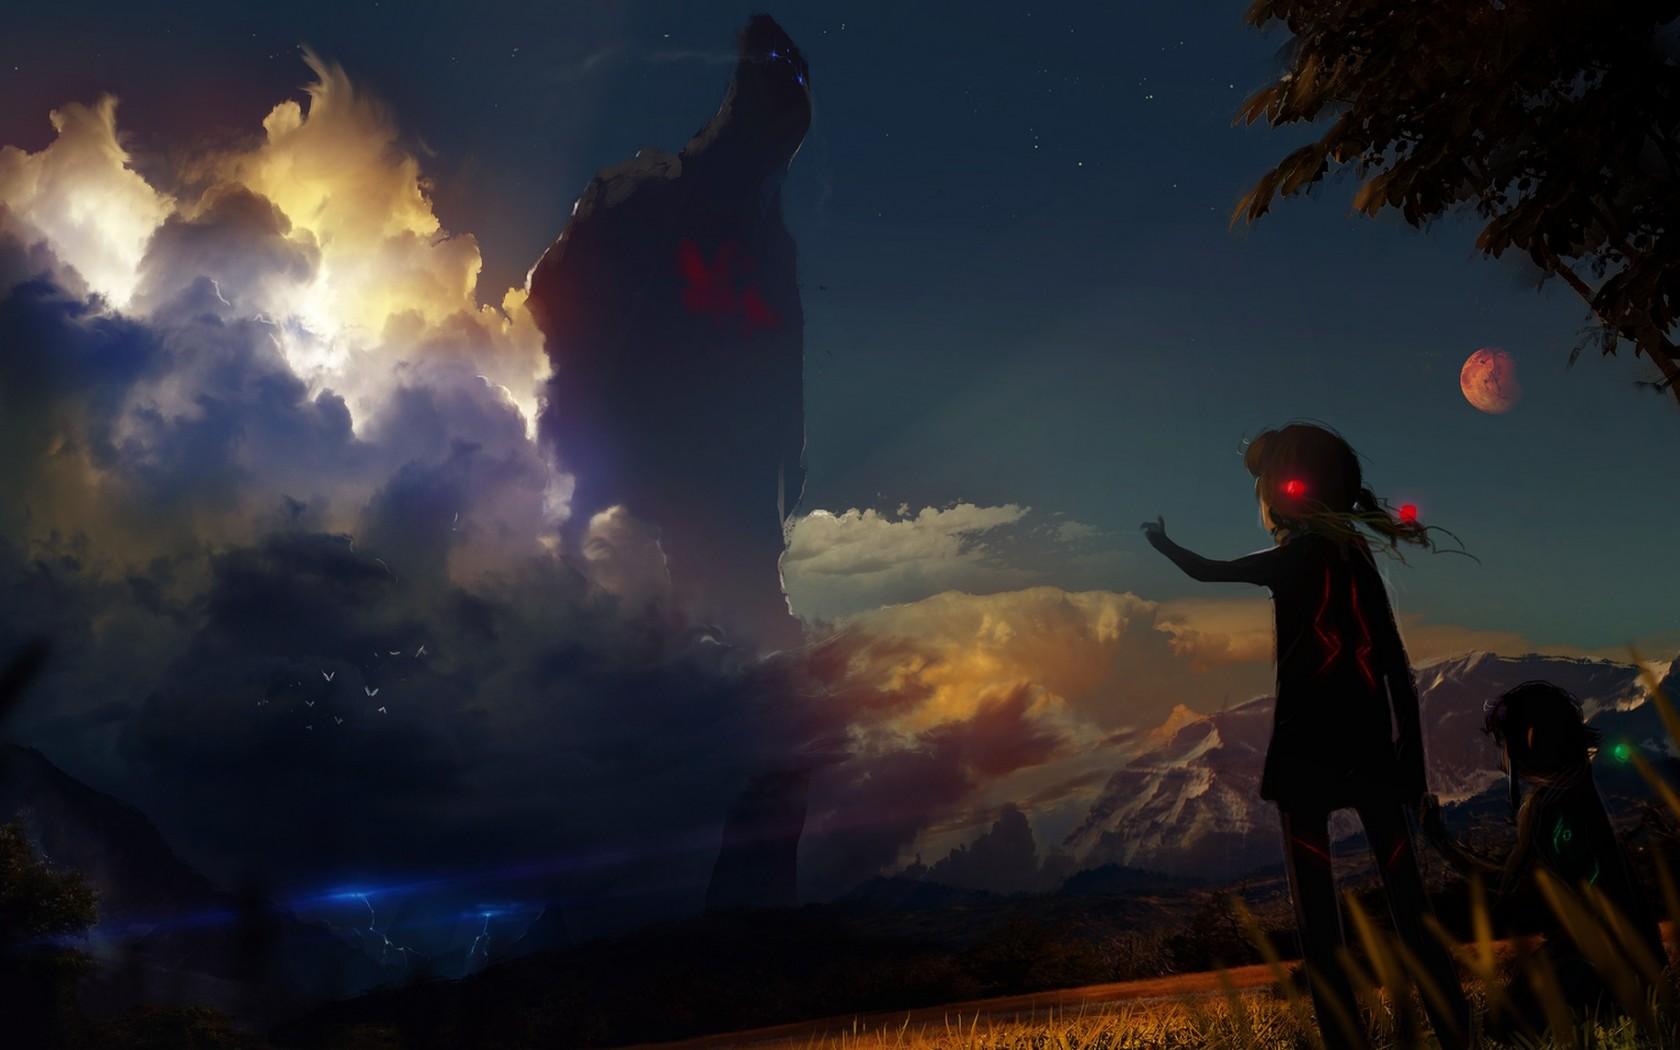 gigant-groza-devochka-nebo.jpg